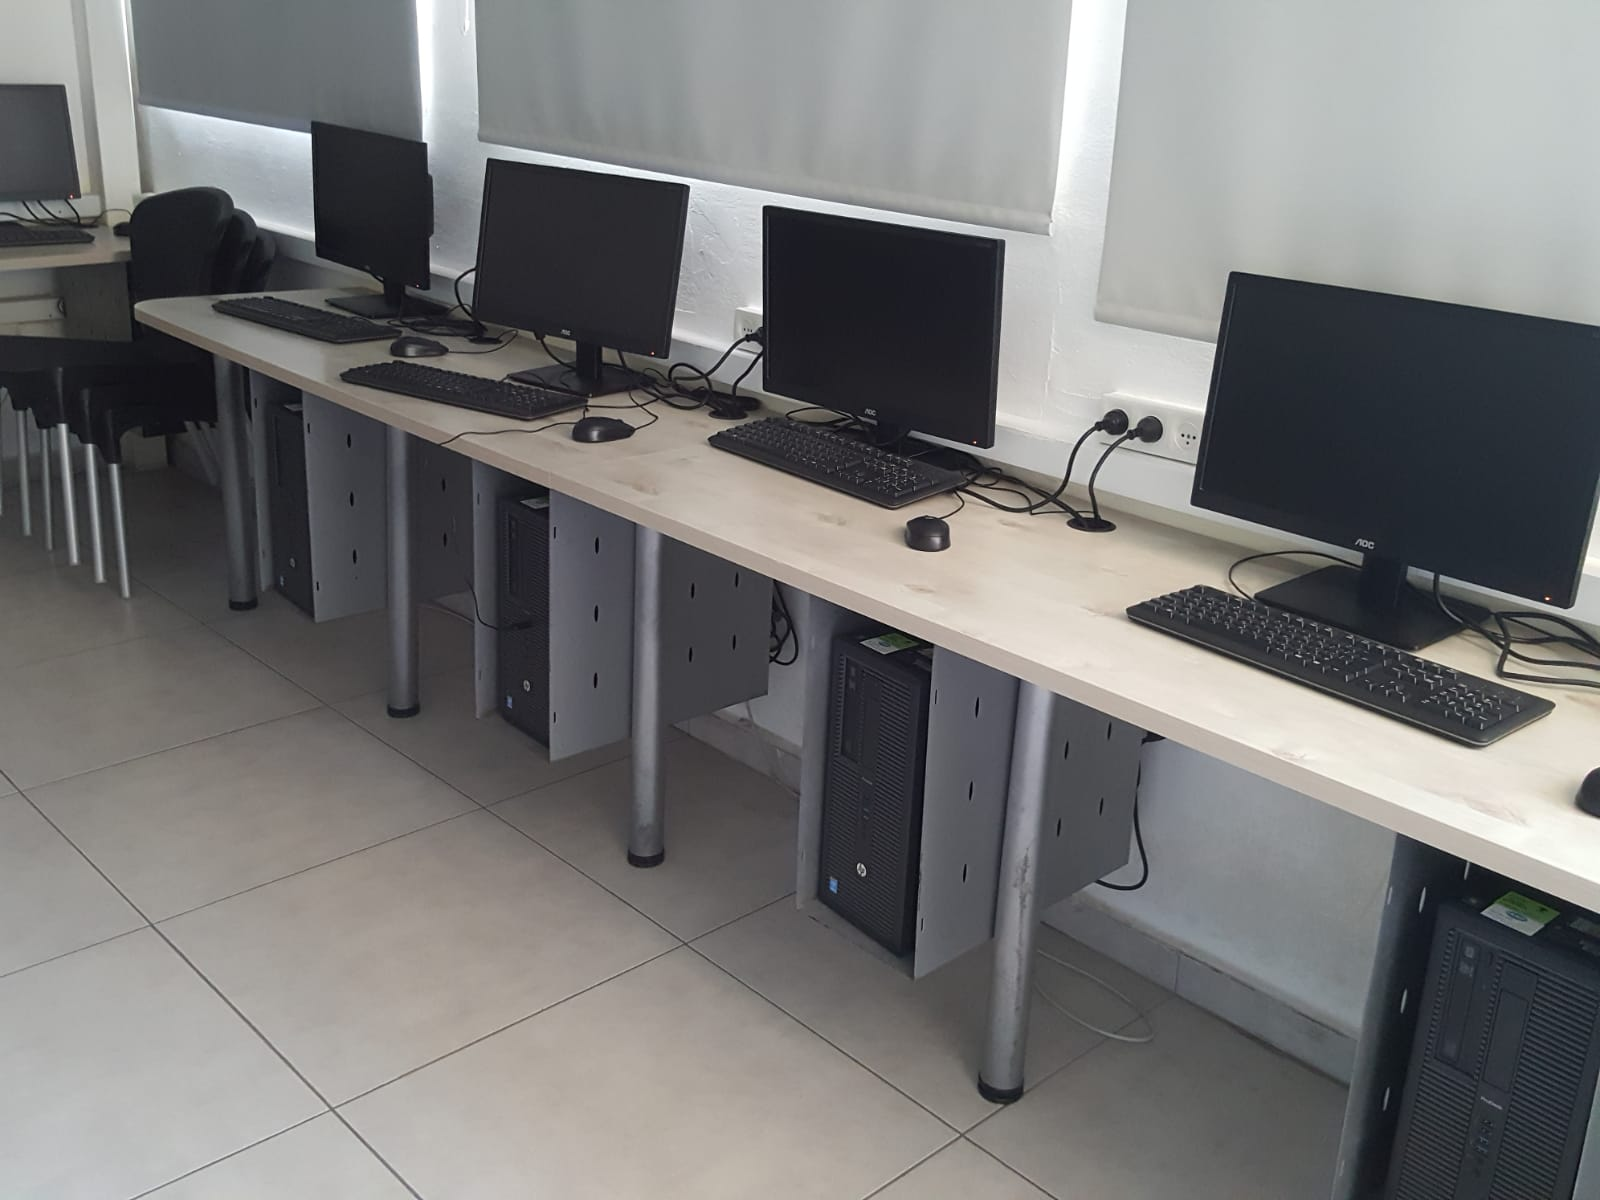 מעבדת מחשבים בבית ספר